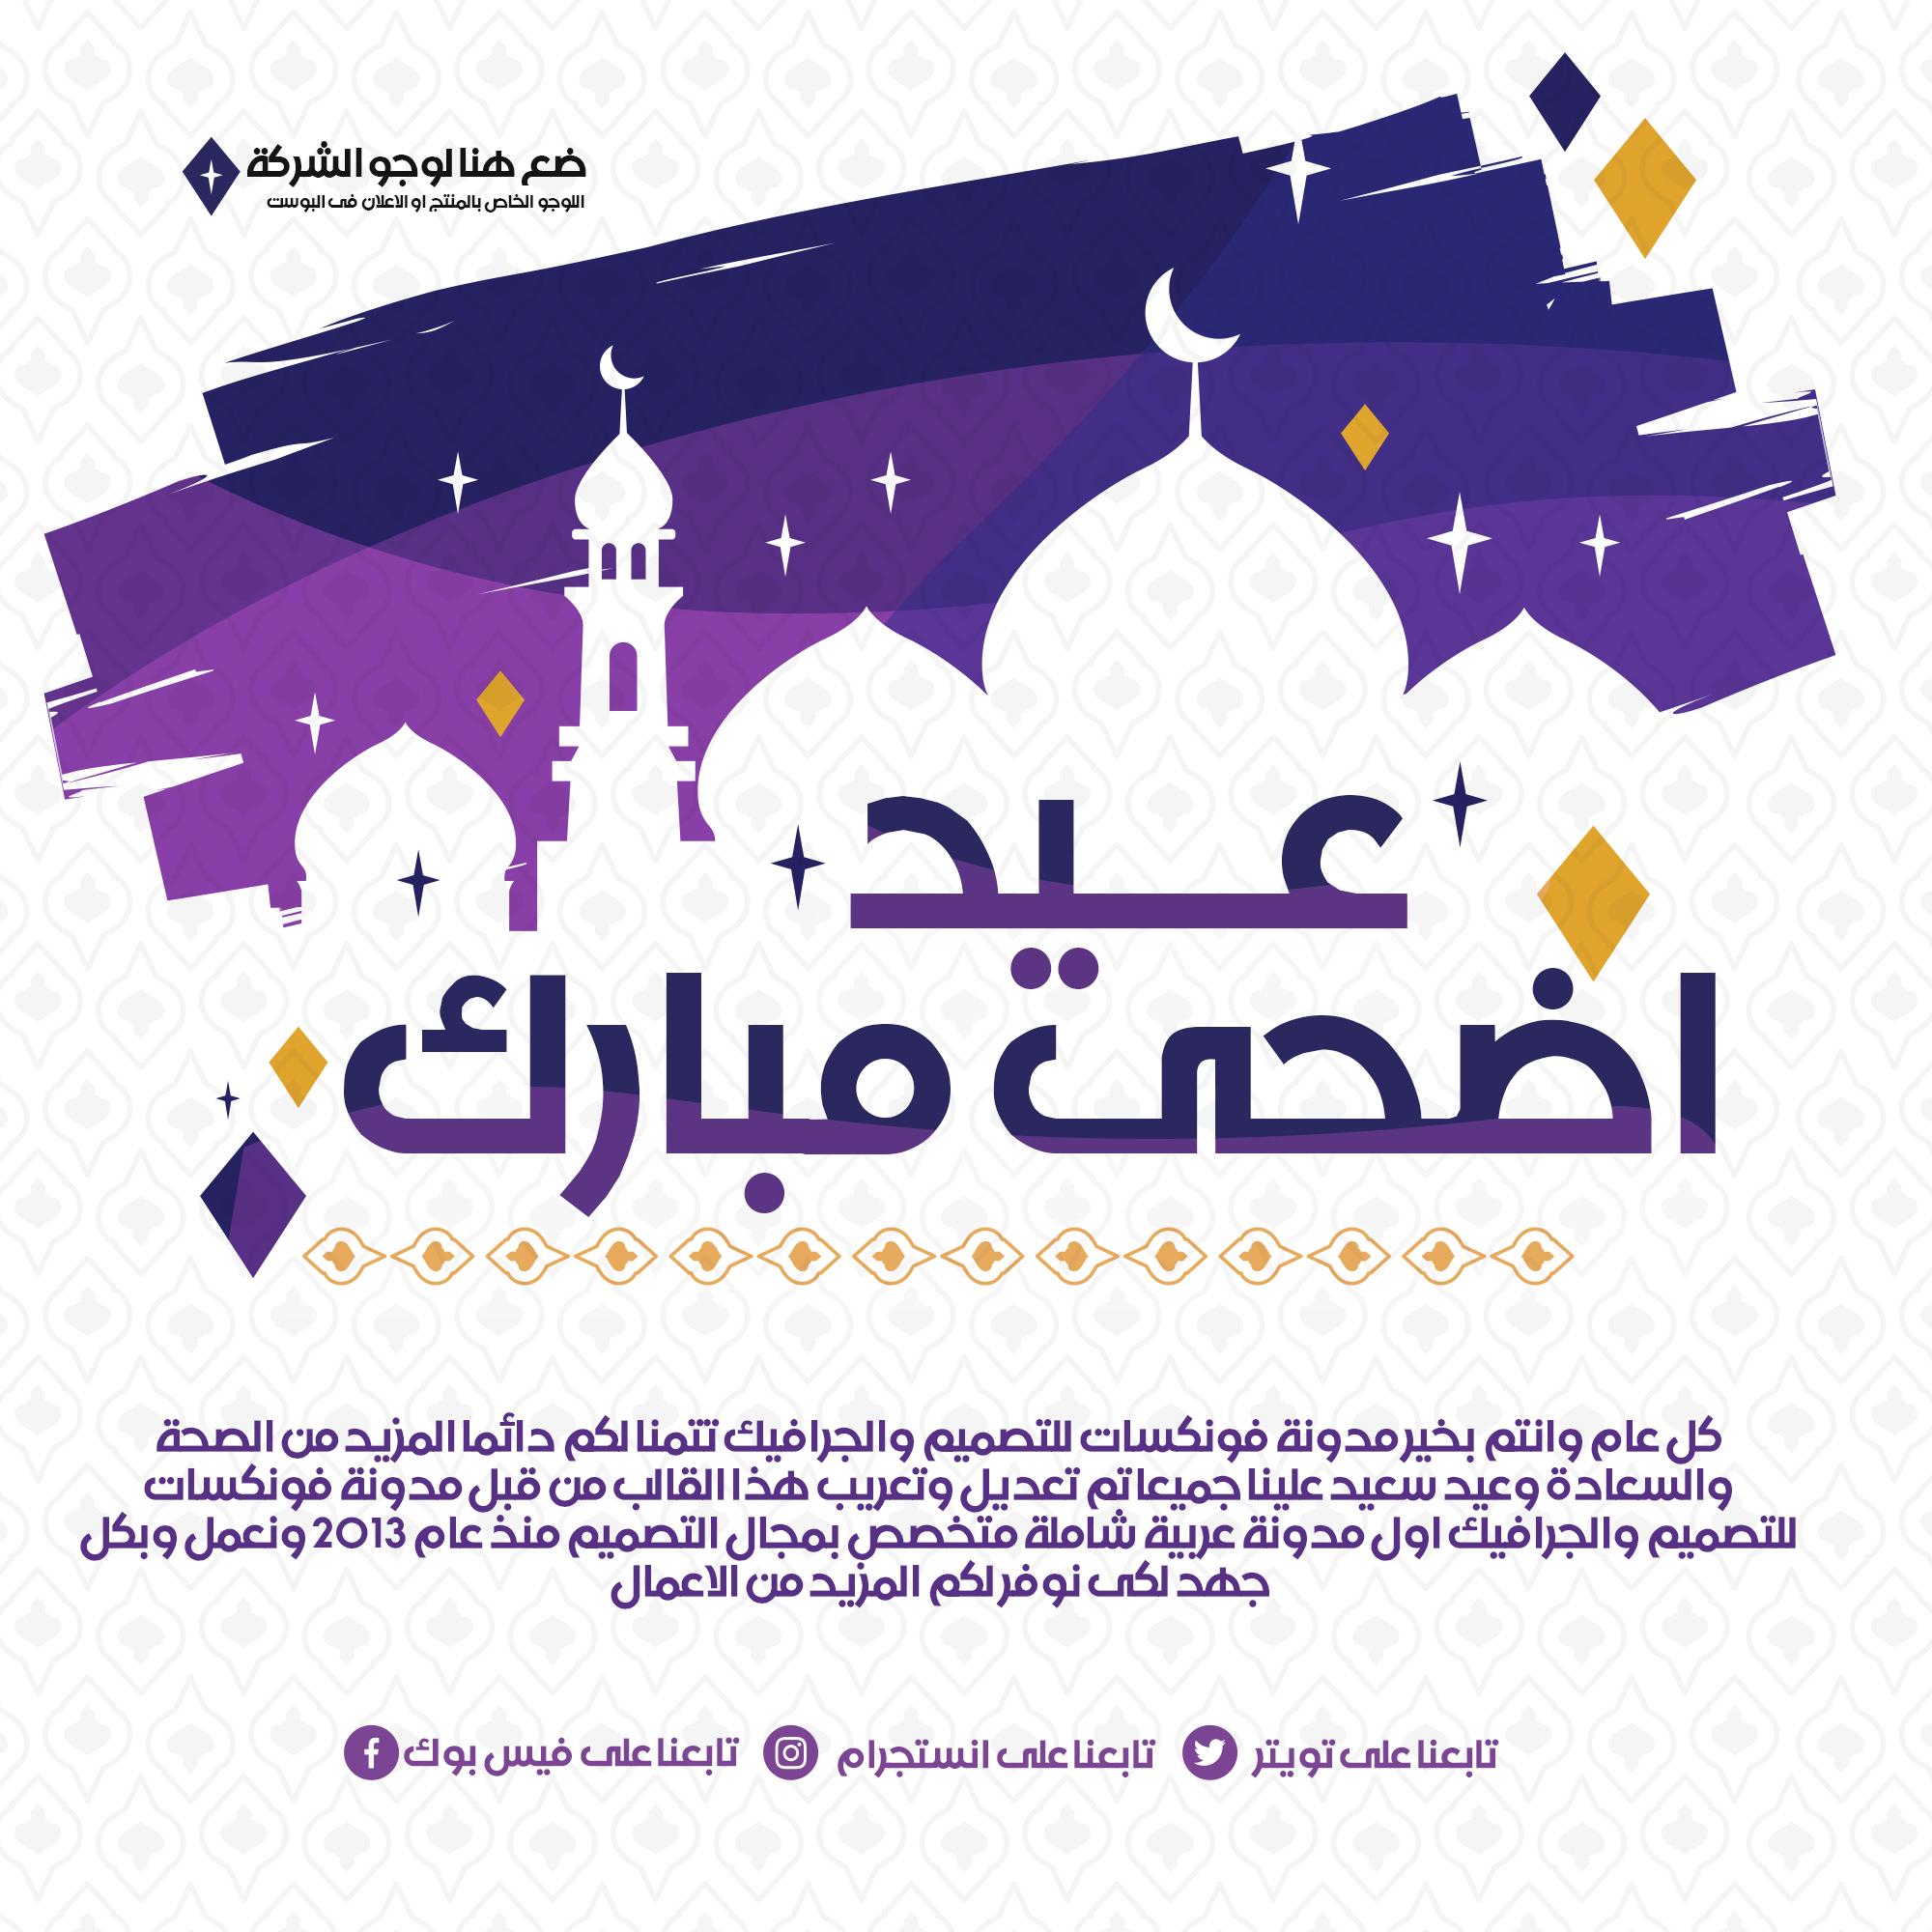 تحميل تصميمات سوشيال ميديا لعيد الاضحى المبارك وتهنئة العيد